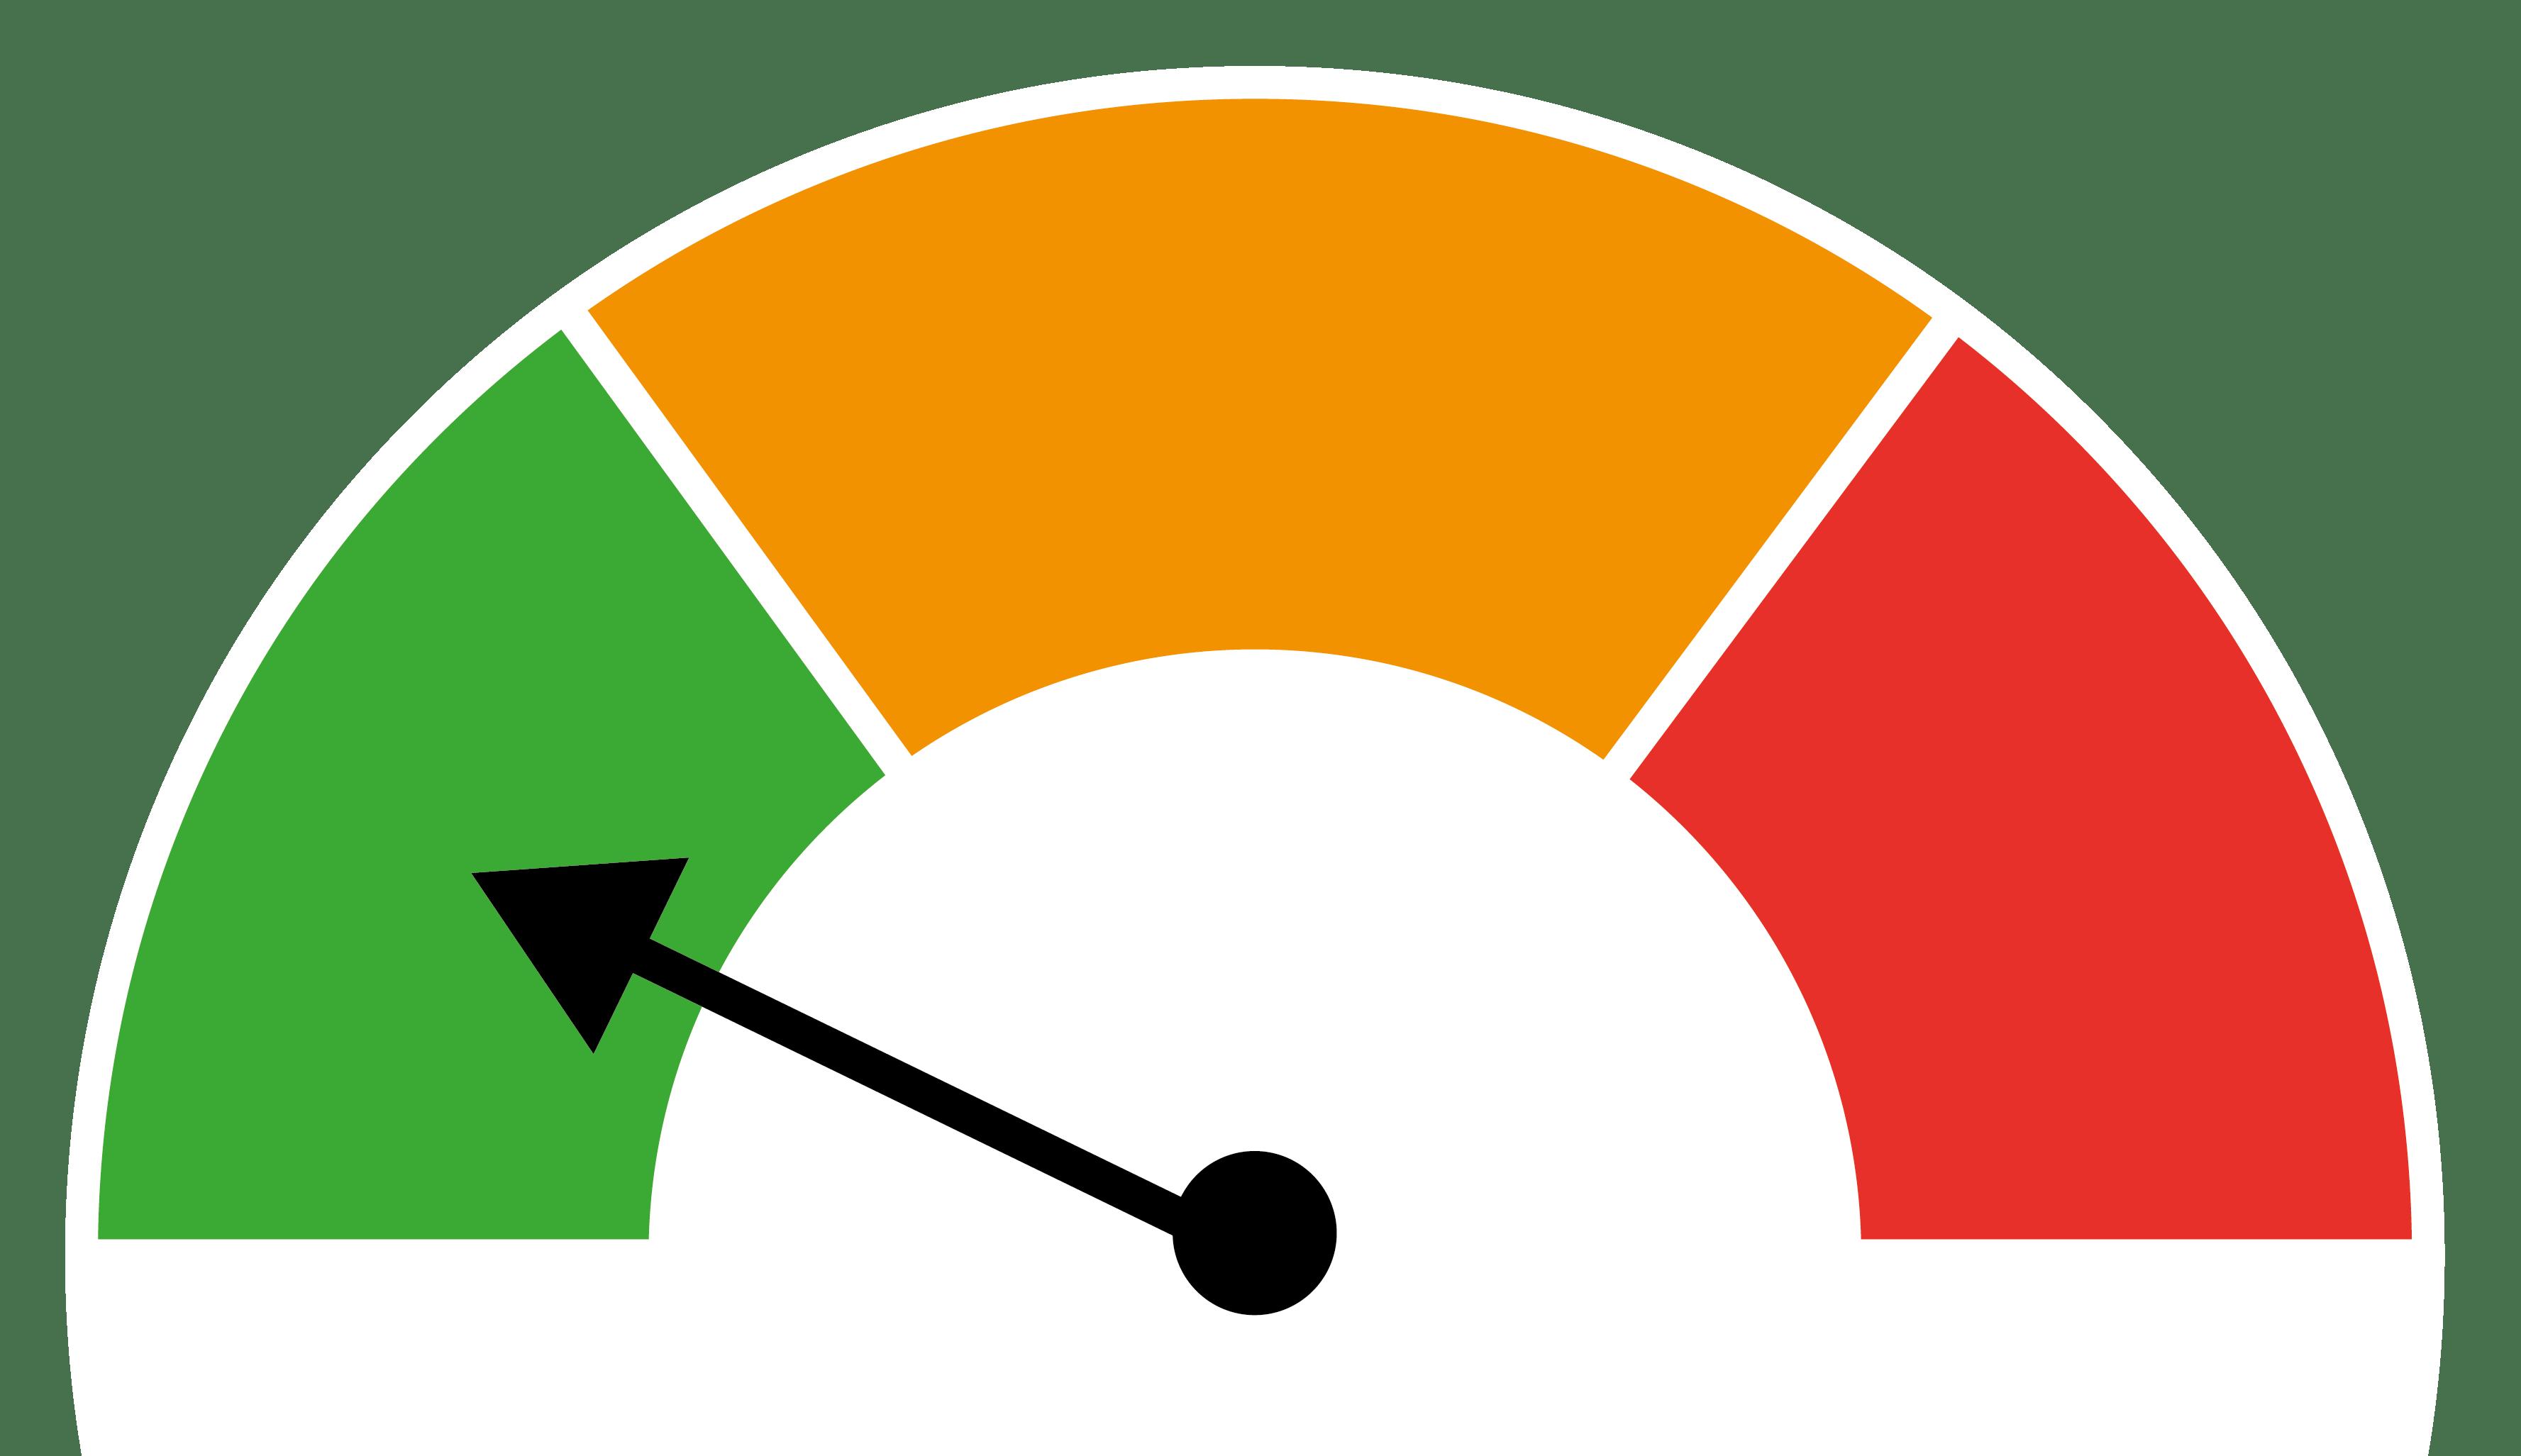 Low usage